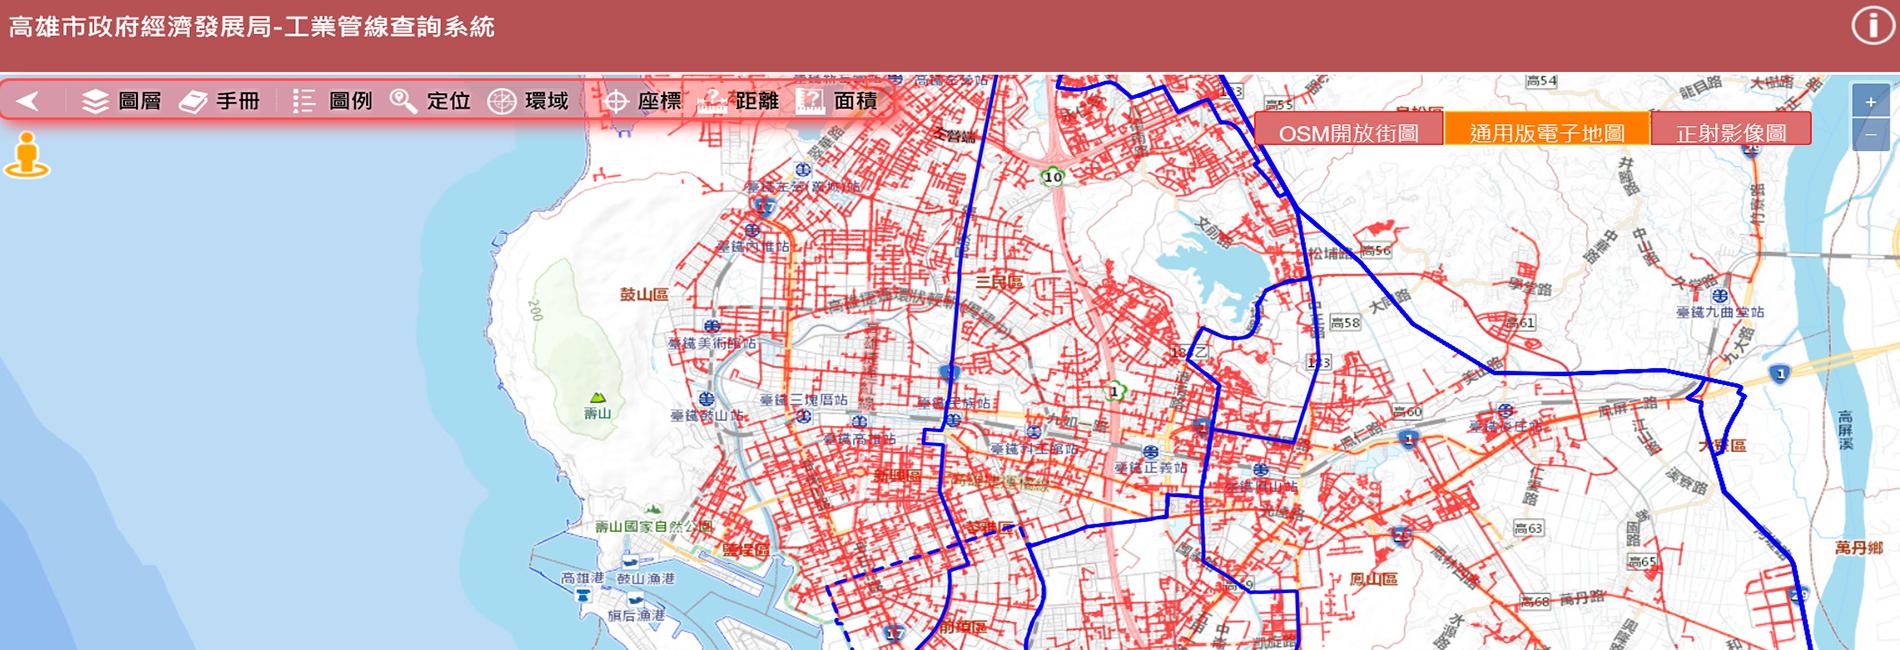 高雄市政府經濟發展局-工業管線查詢系統